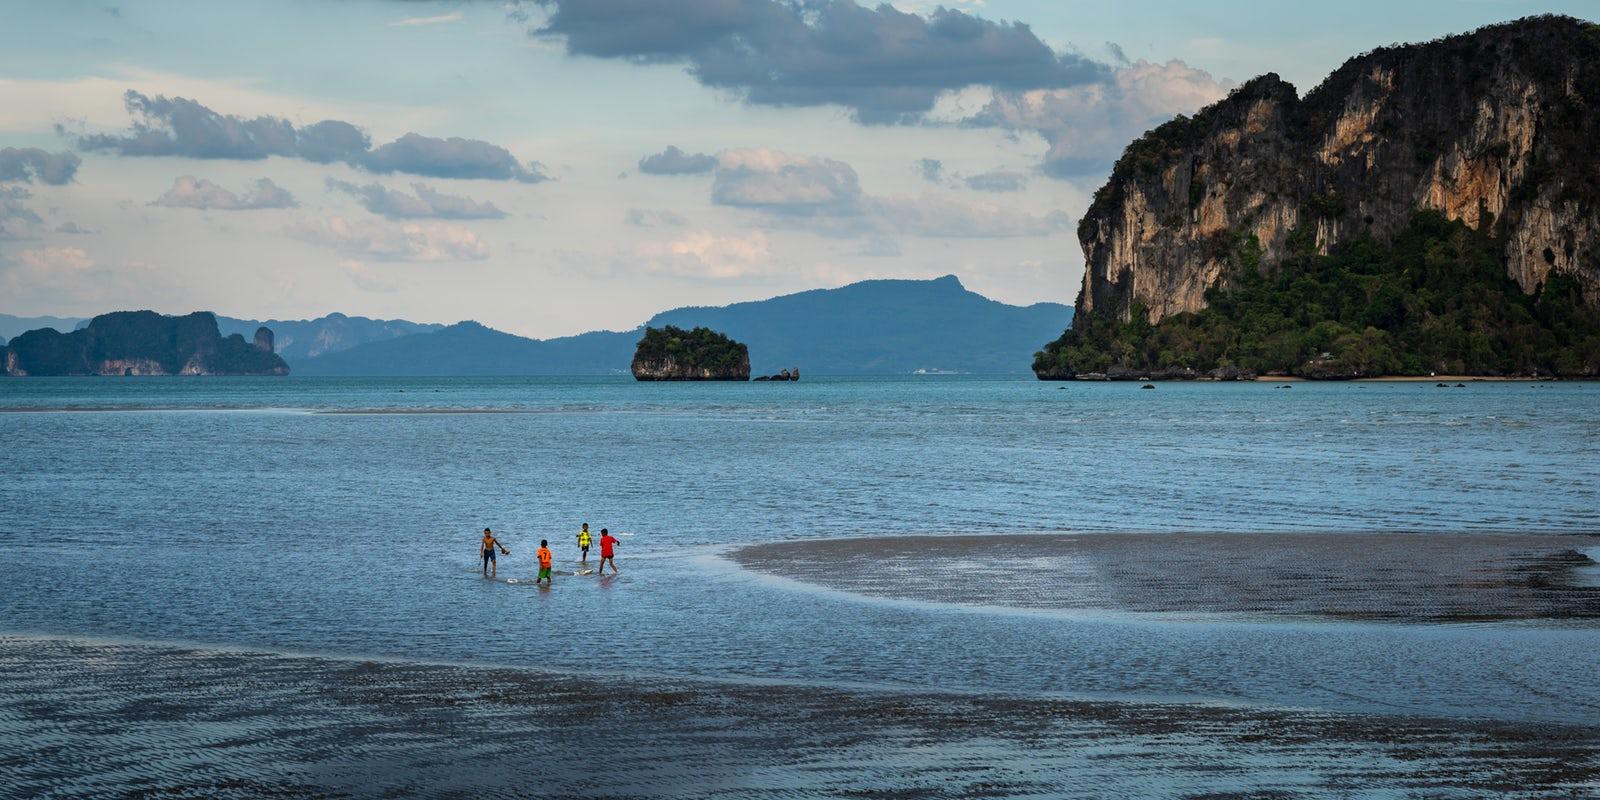 Low tide on Koh Yao Yai